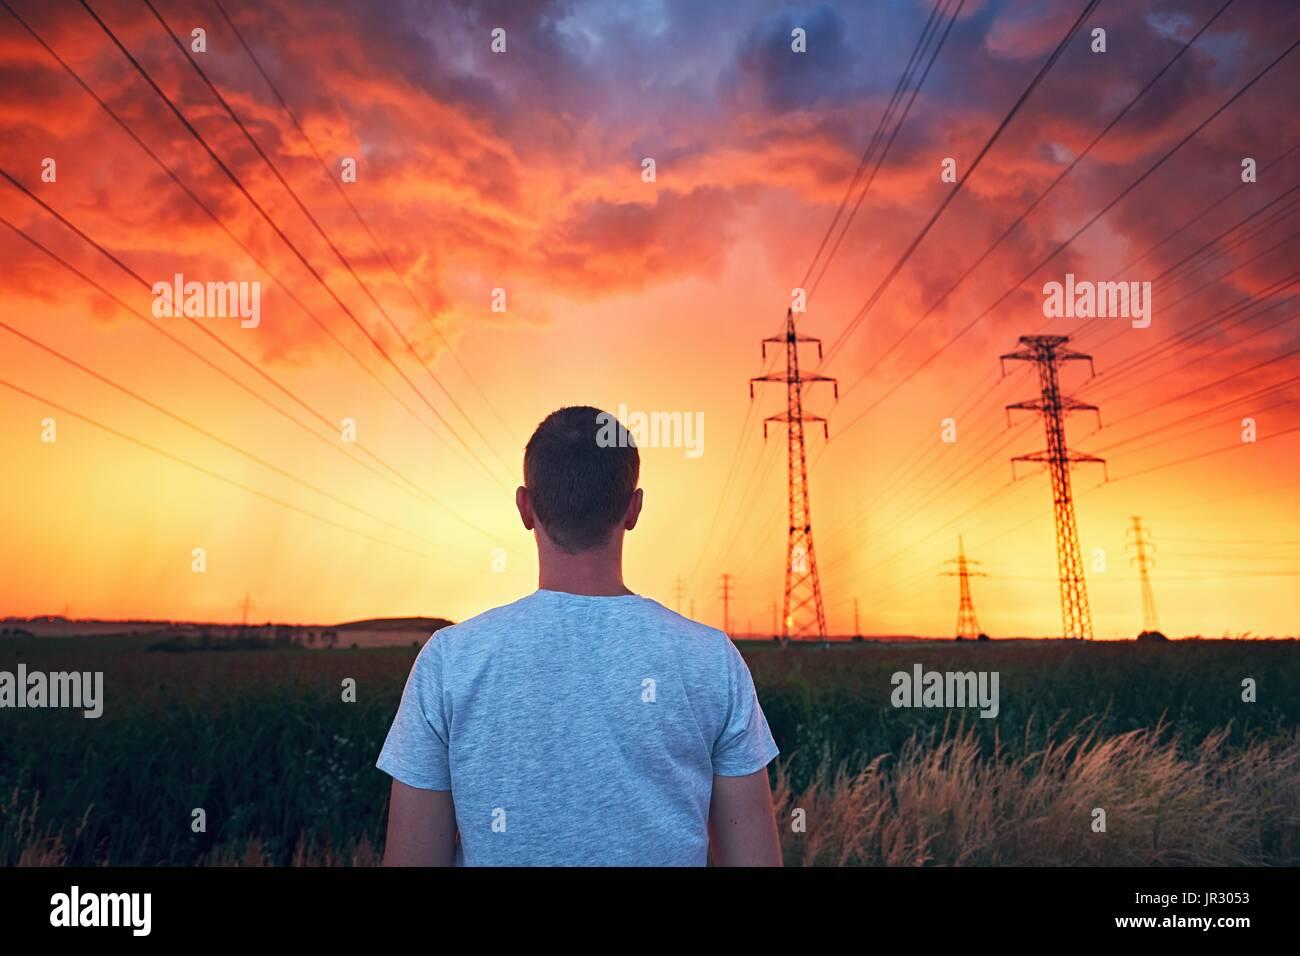 Condiciones meteorológicas peligrosas. Hombre solitario en impresionante tormenta durante la puesta de sol llena de colorido. Imagen De Stock